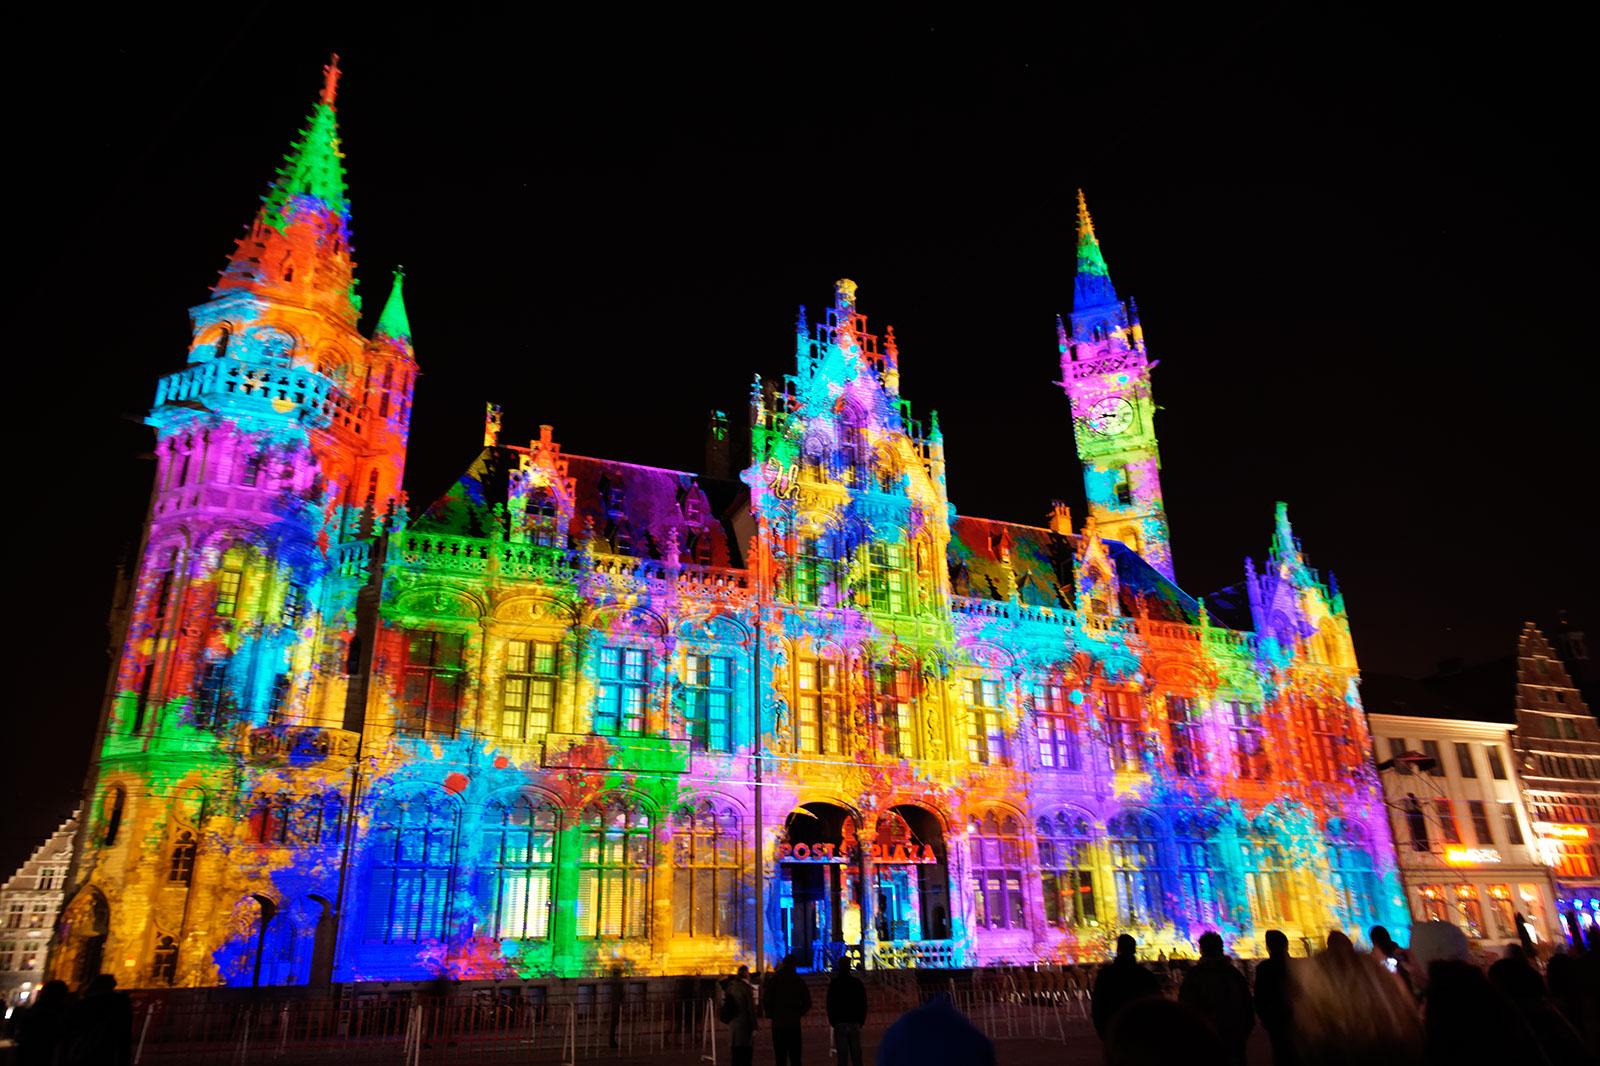 Festival of Light, Ghent, January 2011